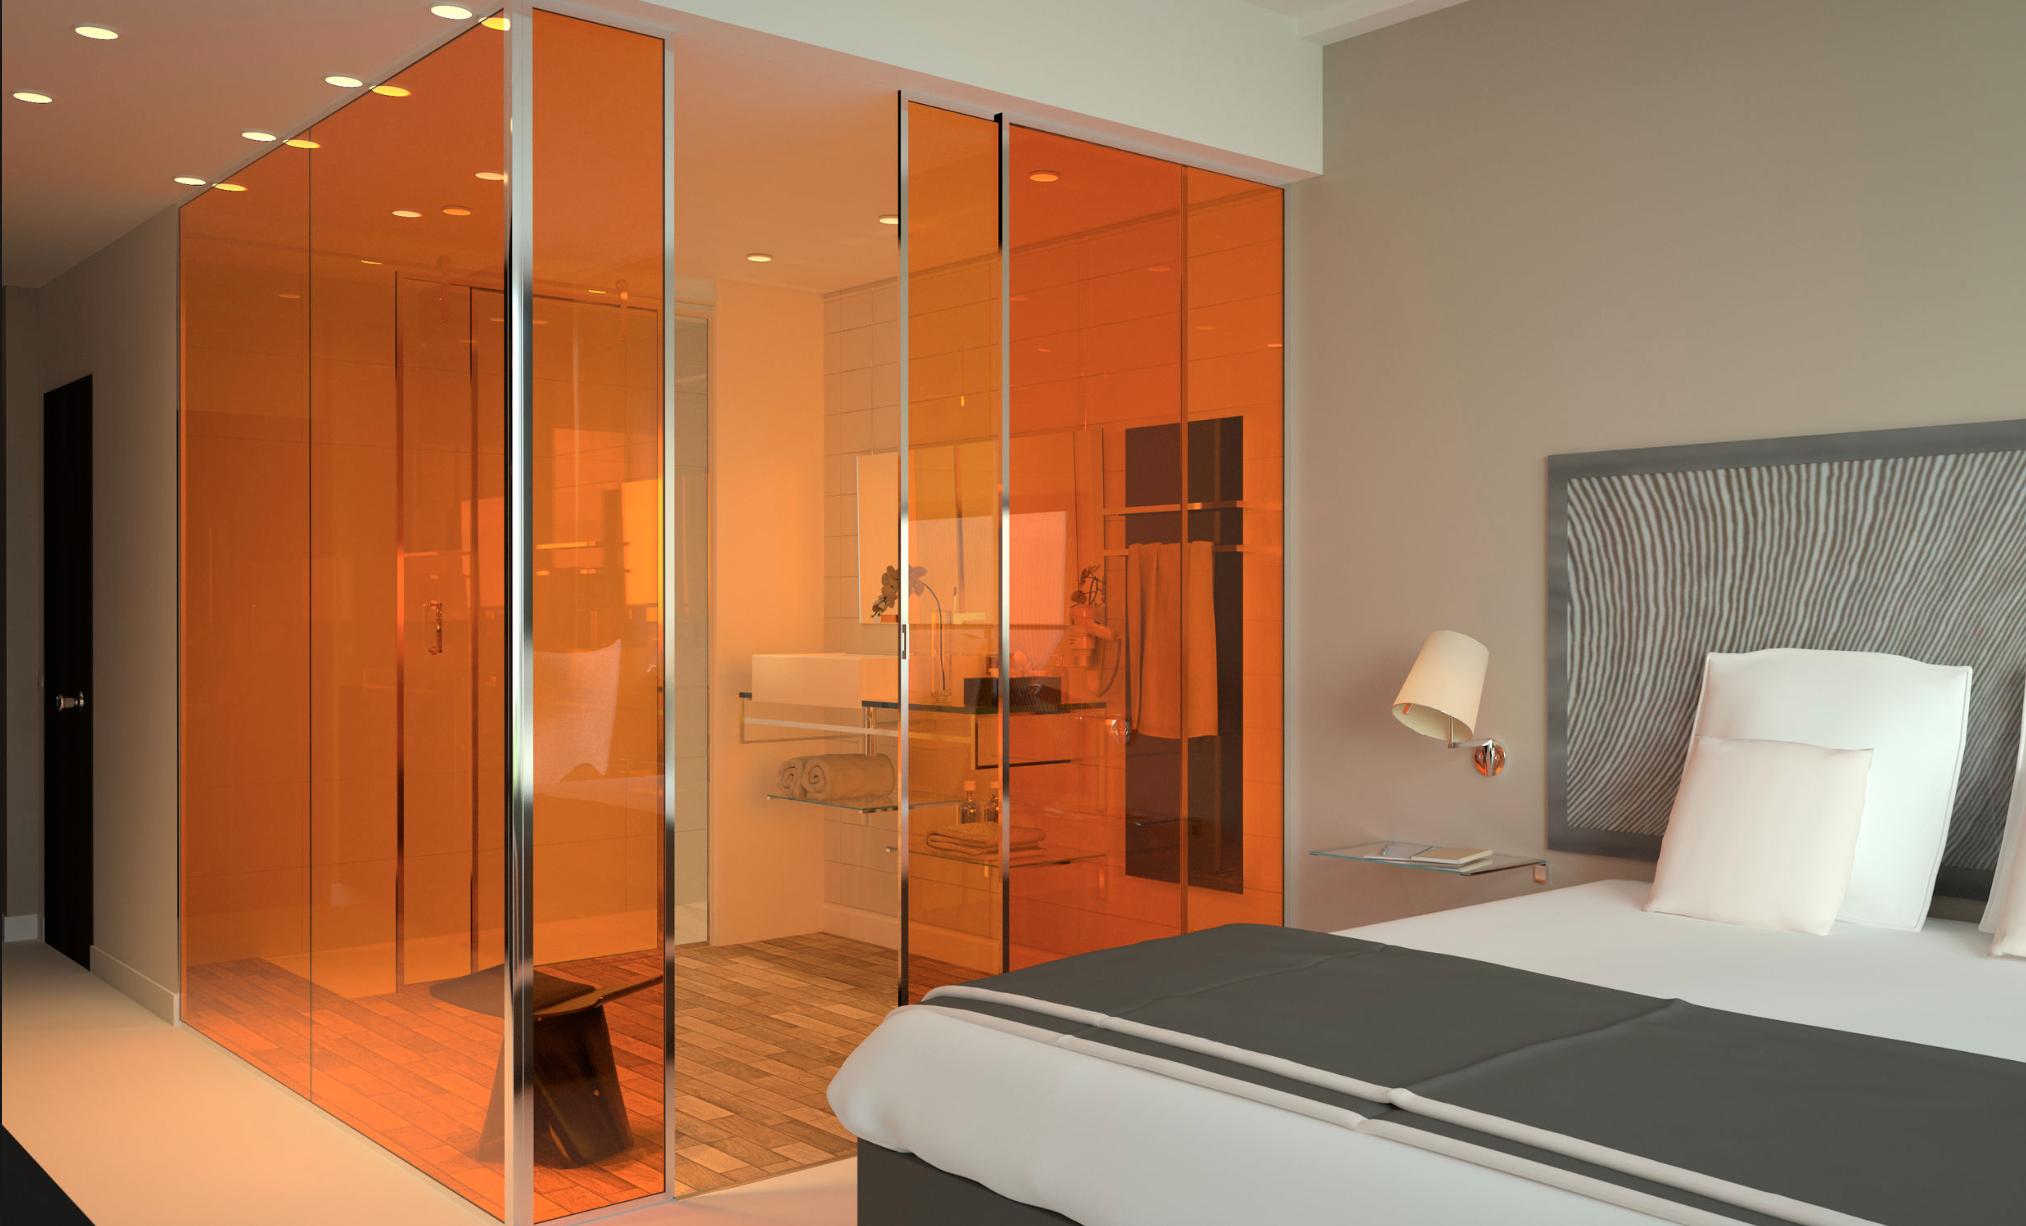 Laminated Glass Orange